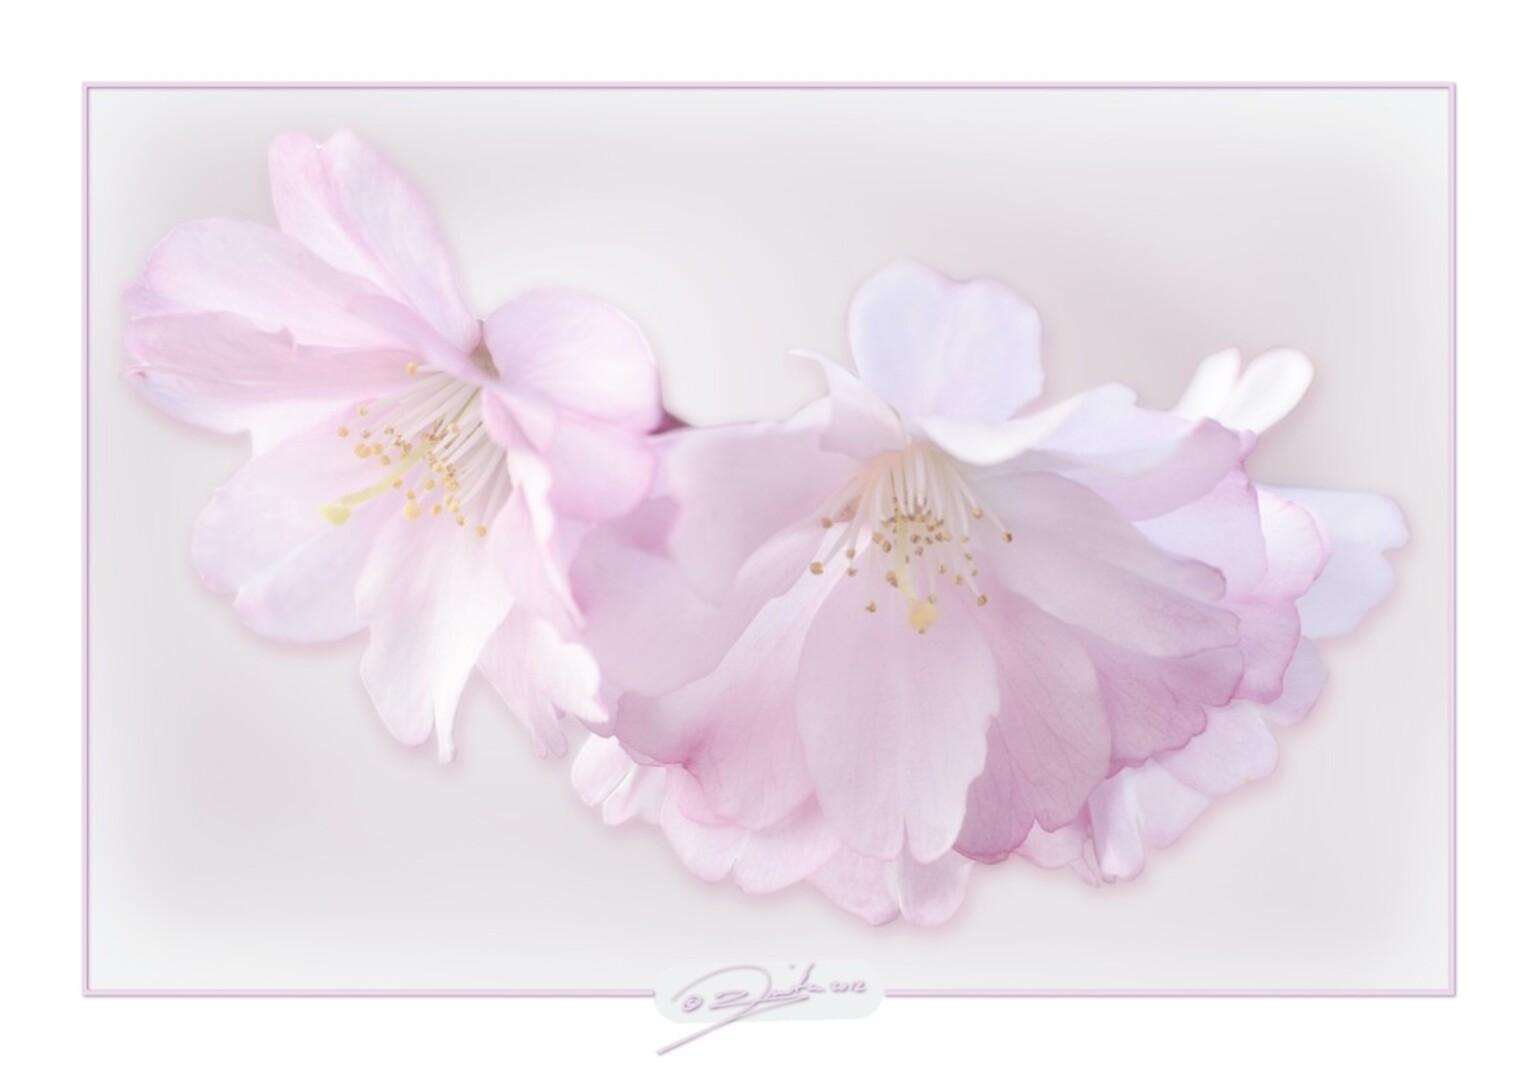 Bloesem - Een prunus begint te bloeien met teerroze bloemetjes. Bewerking gekozen die ik vind passen bij de bloemetjes. - foto door spitsoor op 22-03-2012 - deze foto bevat: roze, voorjaar, bloemetjes, bloei, teer, zacht, prunusbloesem, spitsoor.